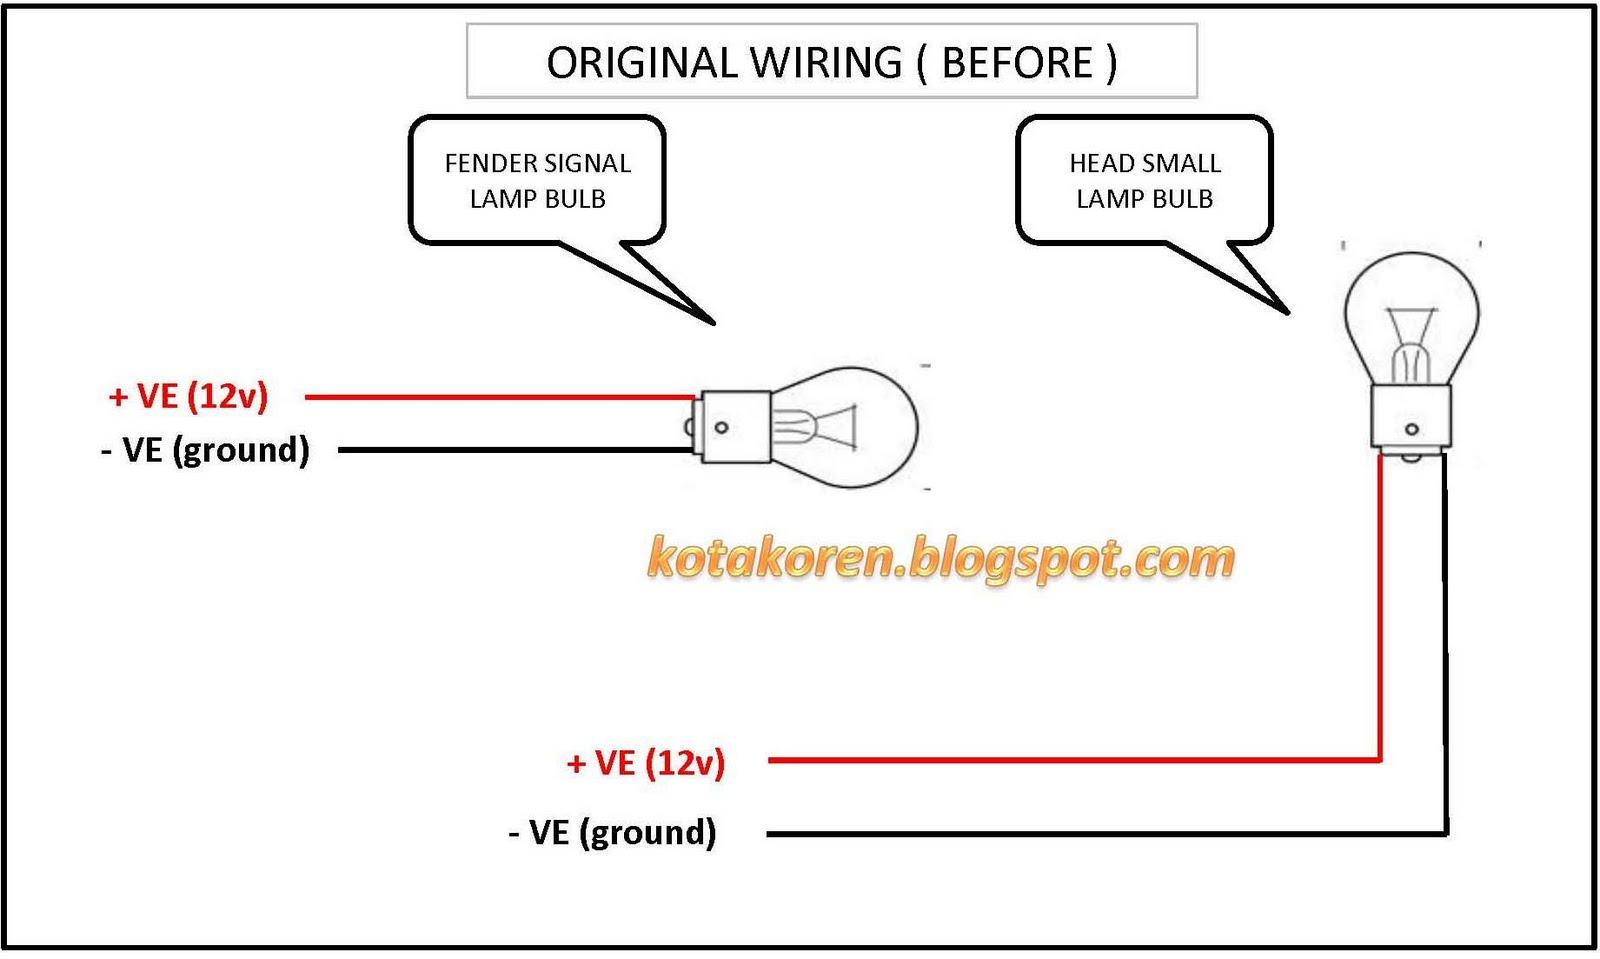 diy side fender lamp wira kotak oren rh kotakoren blogspot com